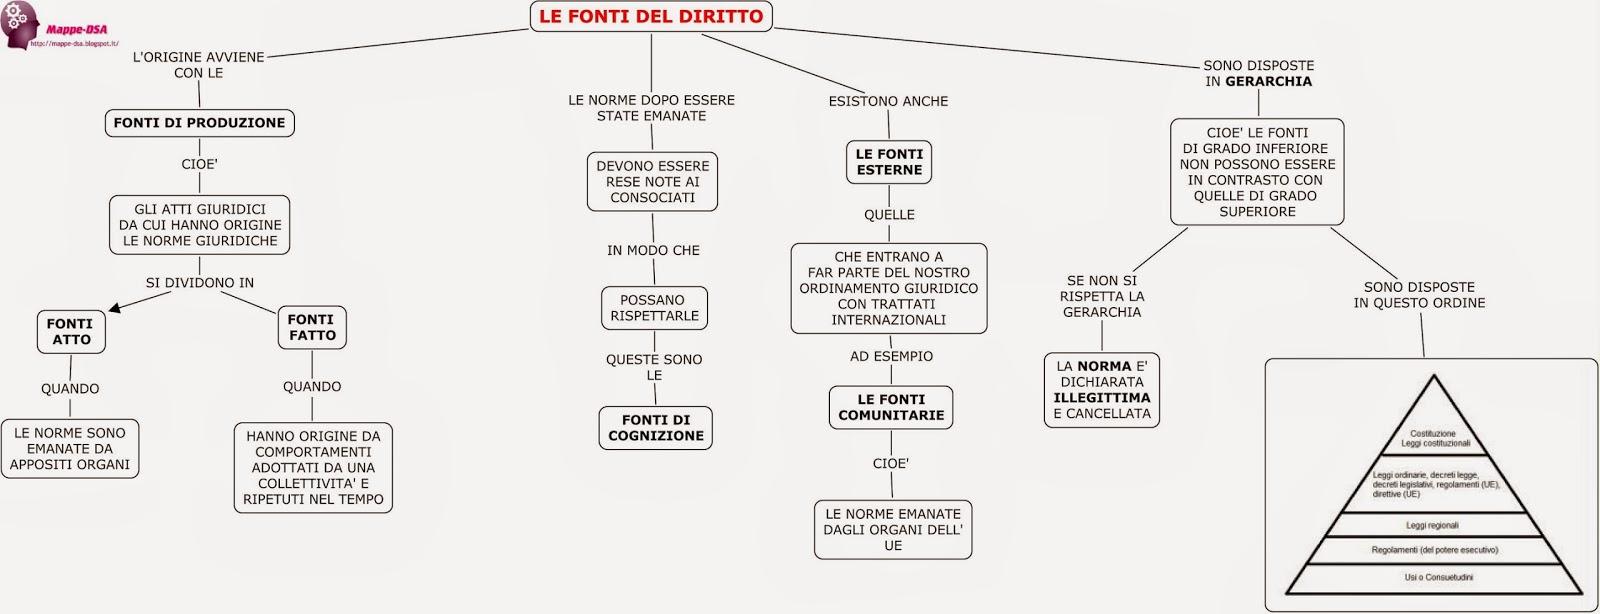 mappe schema dsa diritto fonti